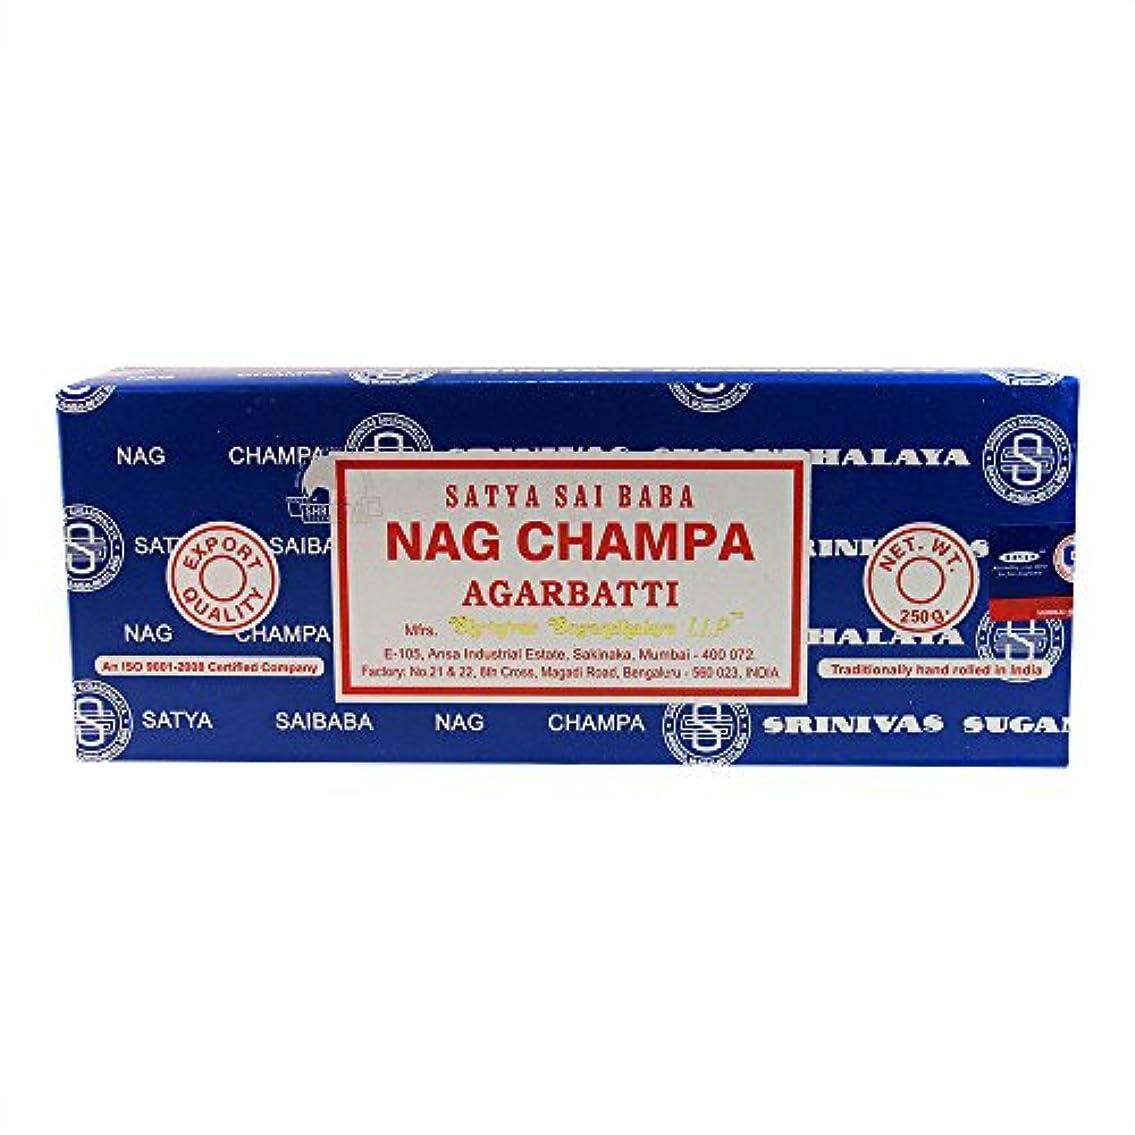 社会主義者チャート折海外直送品Nag Champa Incense, 250 GRAMS by Sai Baba